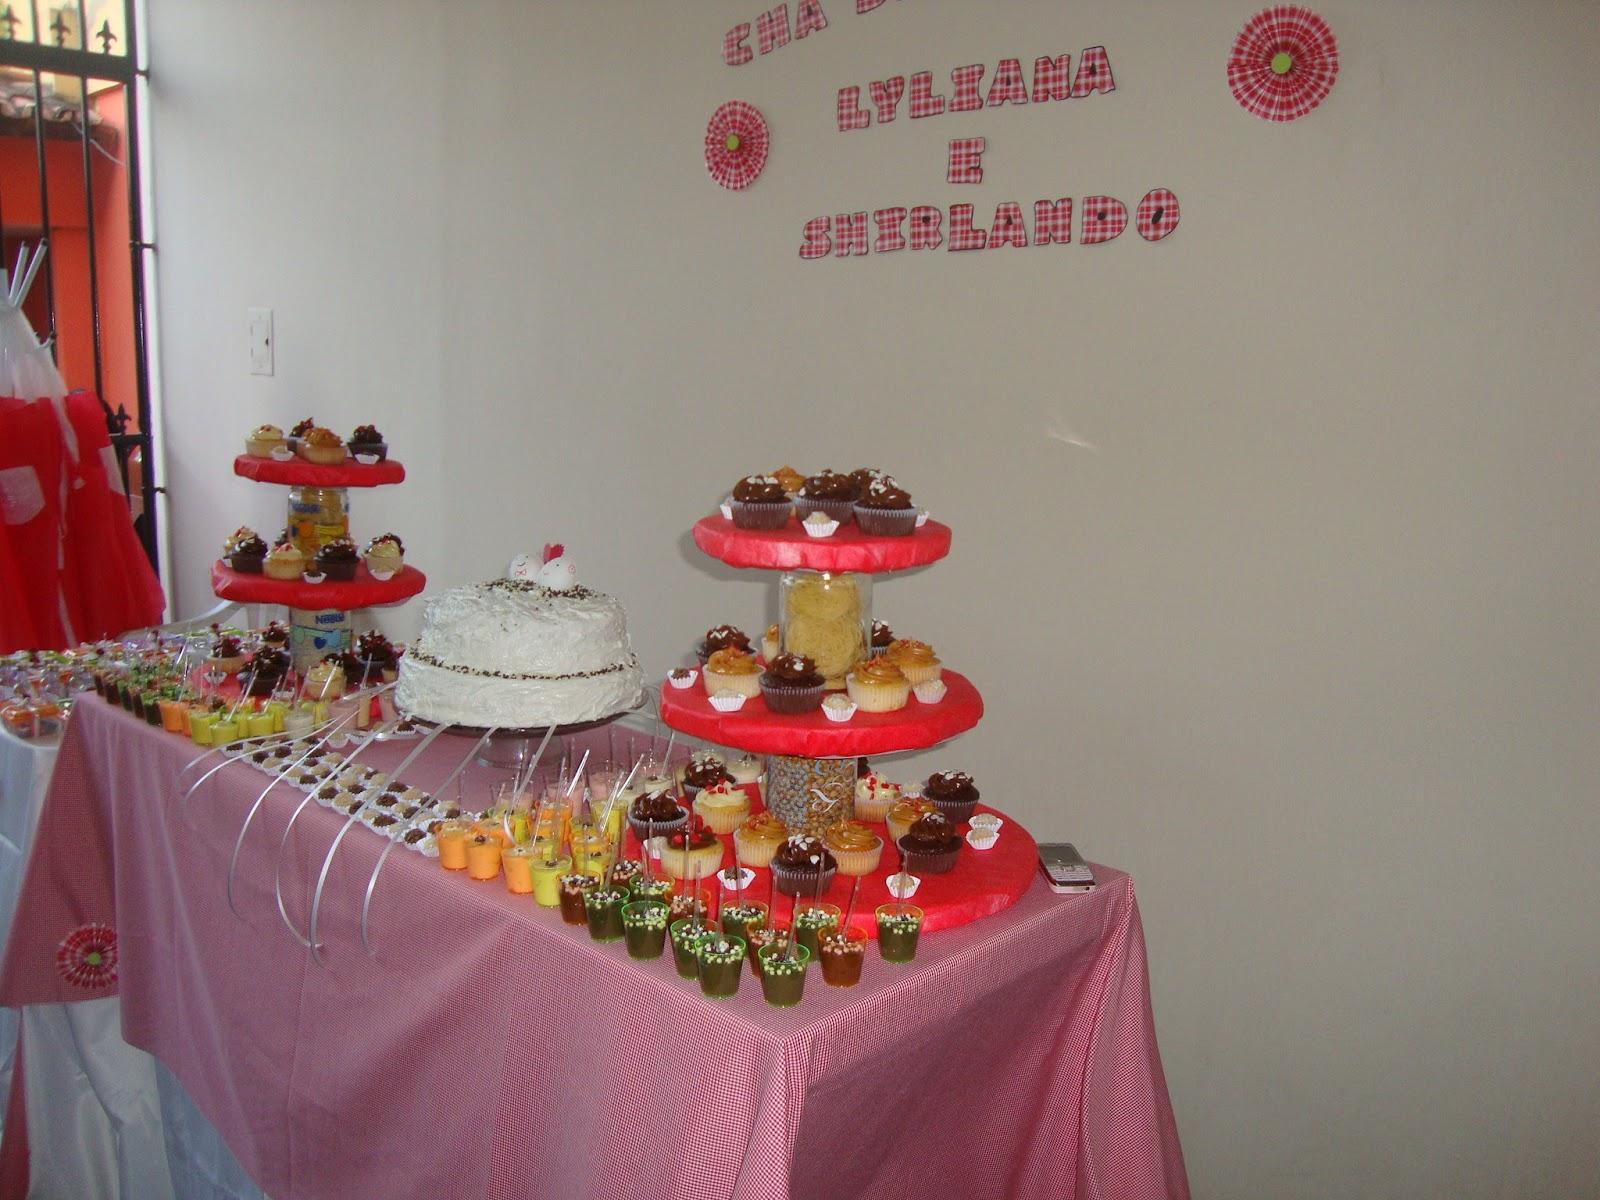 #A72427  Idéias: Idéias de decoração e lanchinhos para Chá de Cozinha 1600x1200 px Decoração Cozinha Idéias_938 Imagens